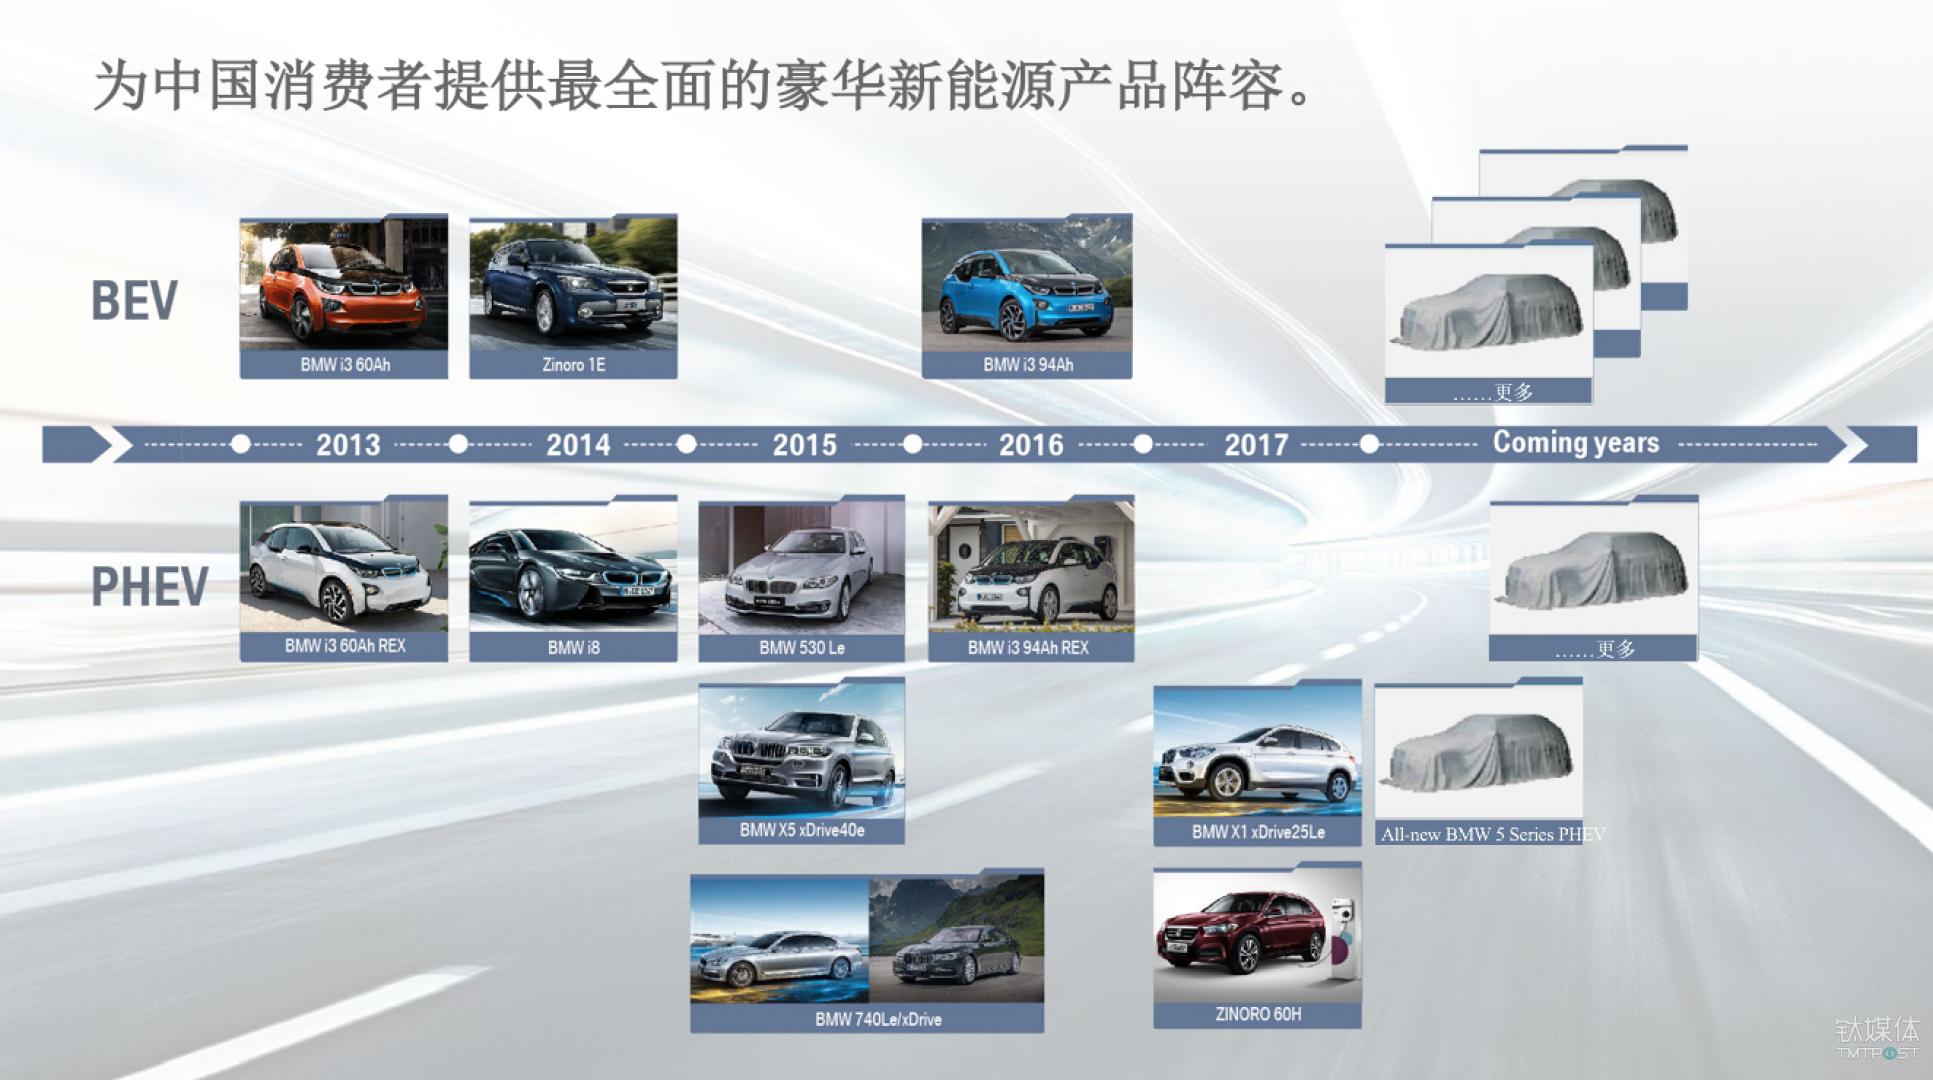 BMW新能源产品矩阵